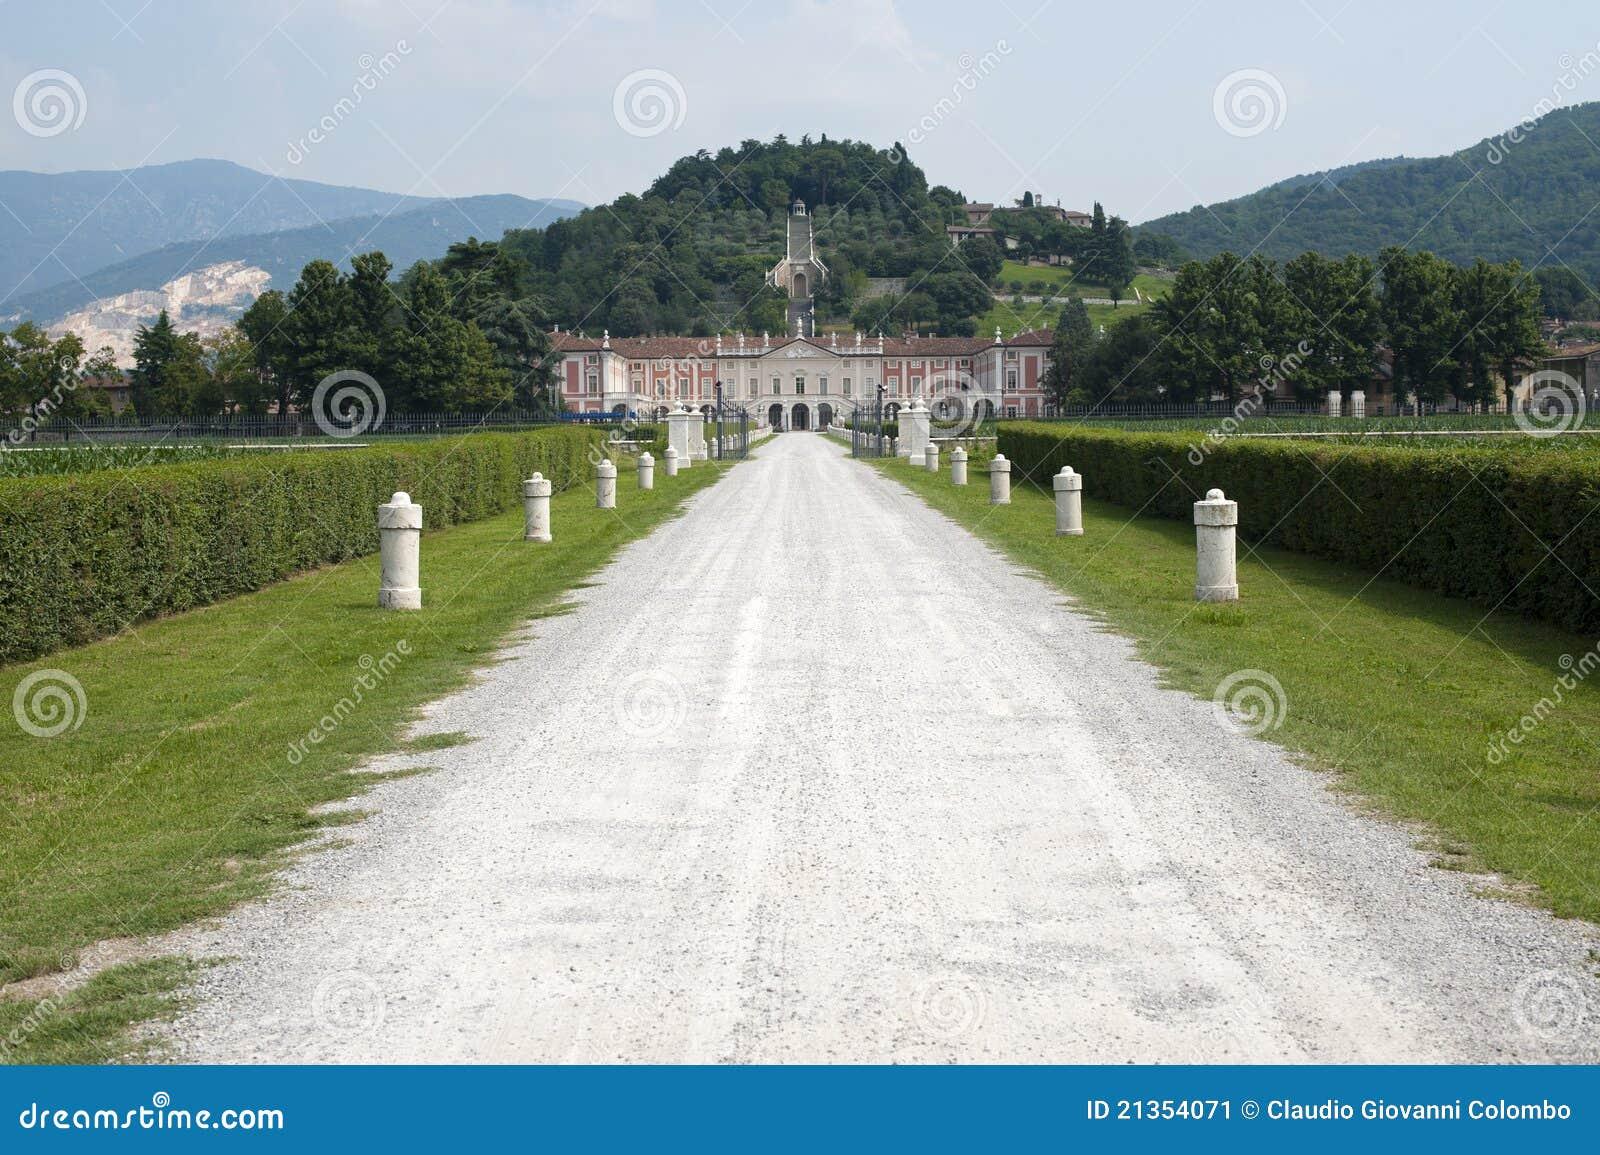 Rezzato brescia lombardy italy villa fenaroli stock for Catalogo bricoman rezzato brescia